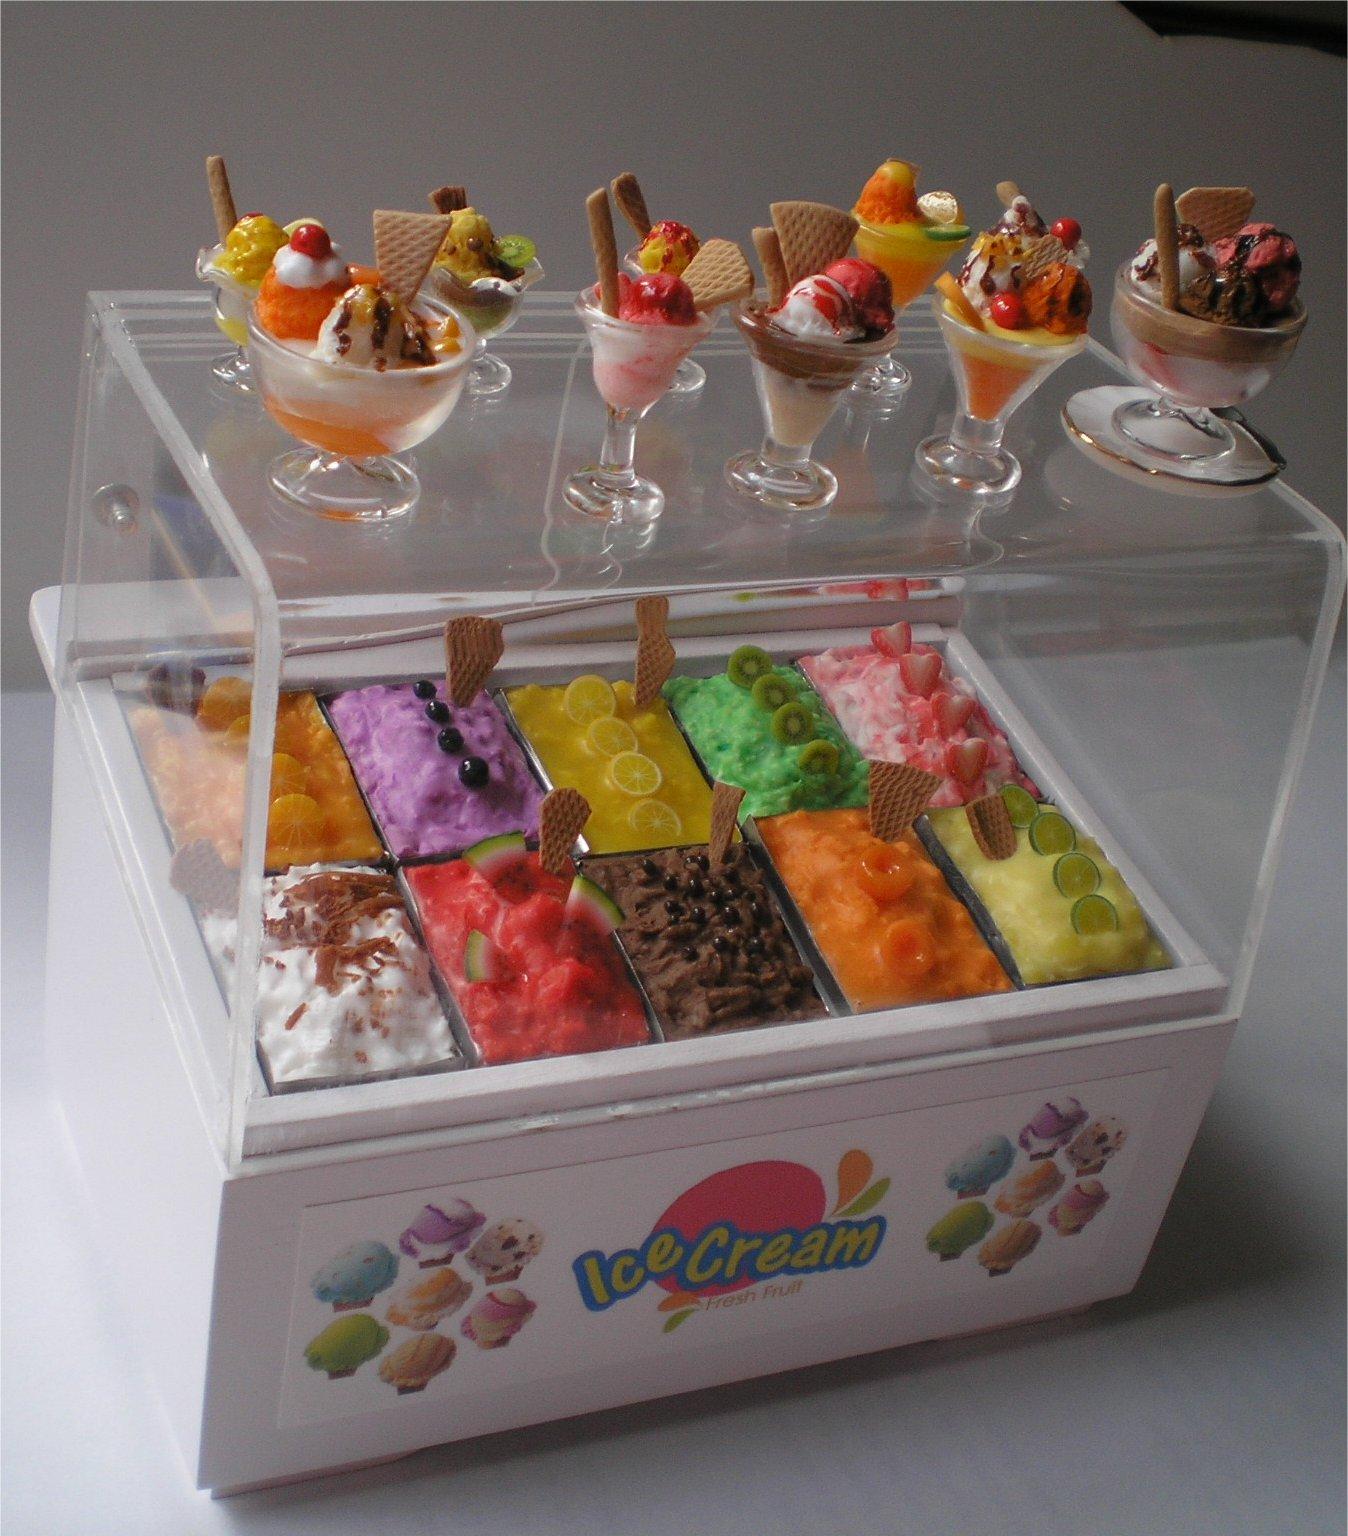 Las casitas de nar n expositor de helados listo - Como hacer casas en miniatura ...